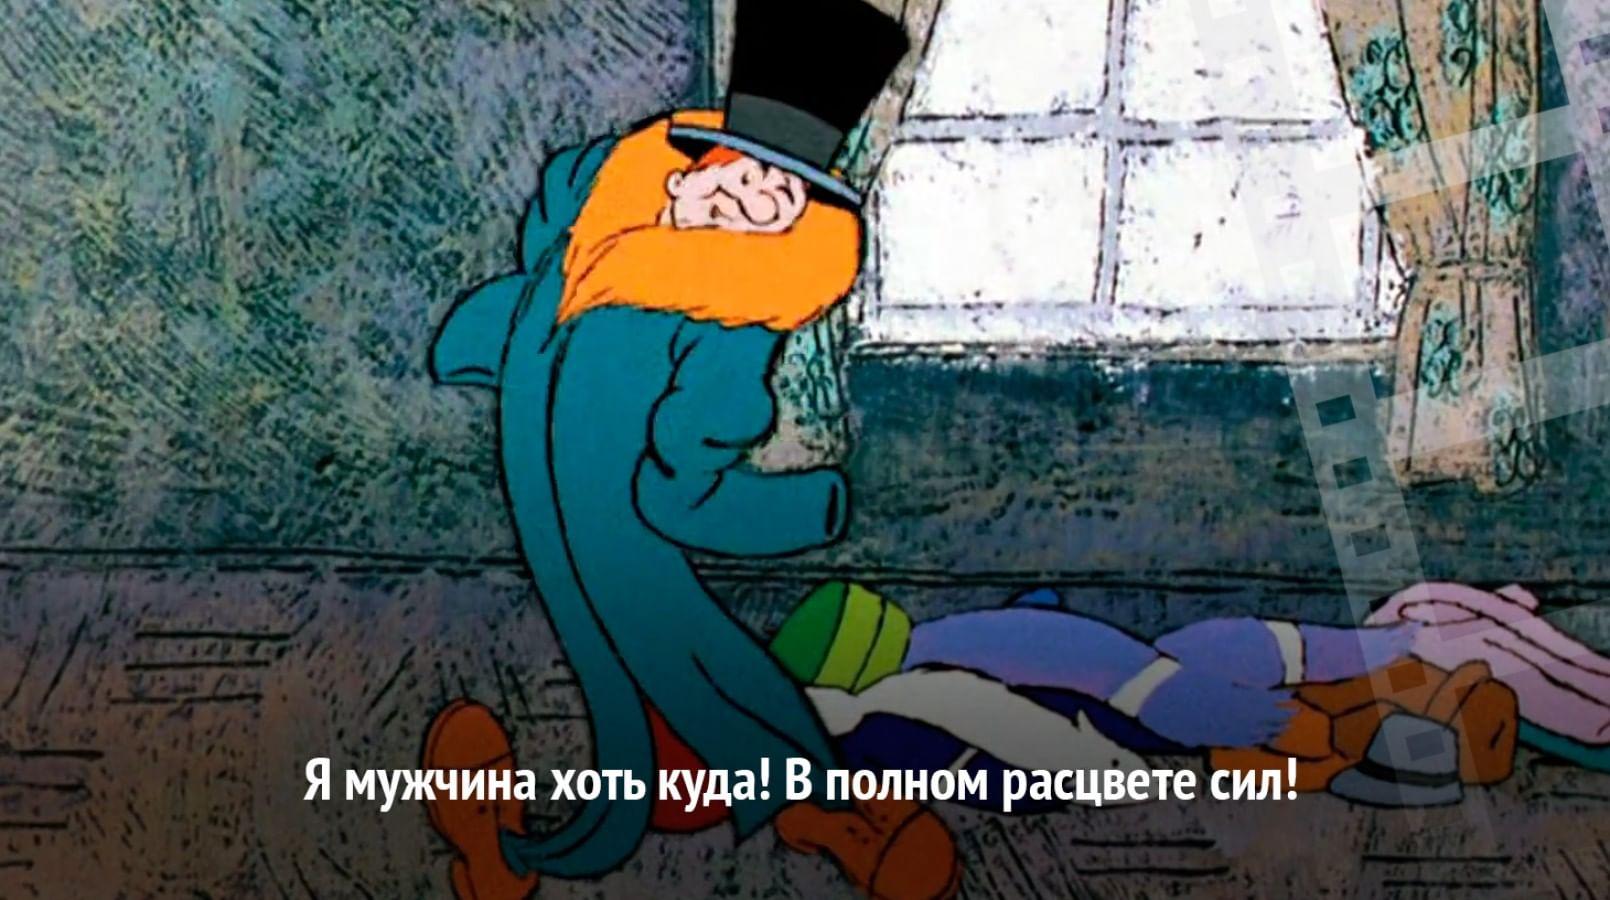 Кадр из мультфильма  «Малыш и Карлсон»